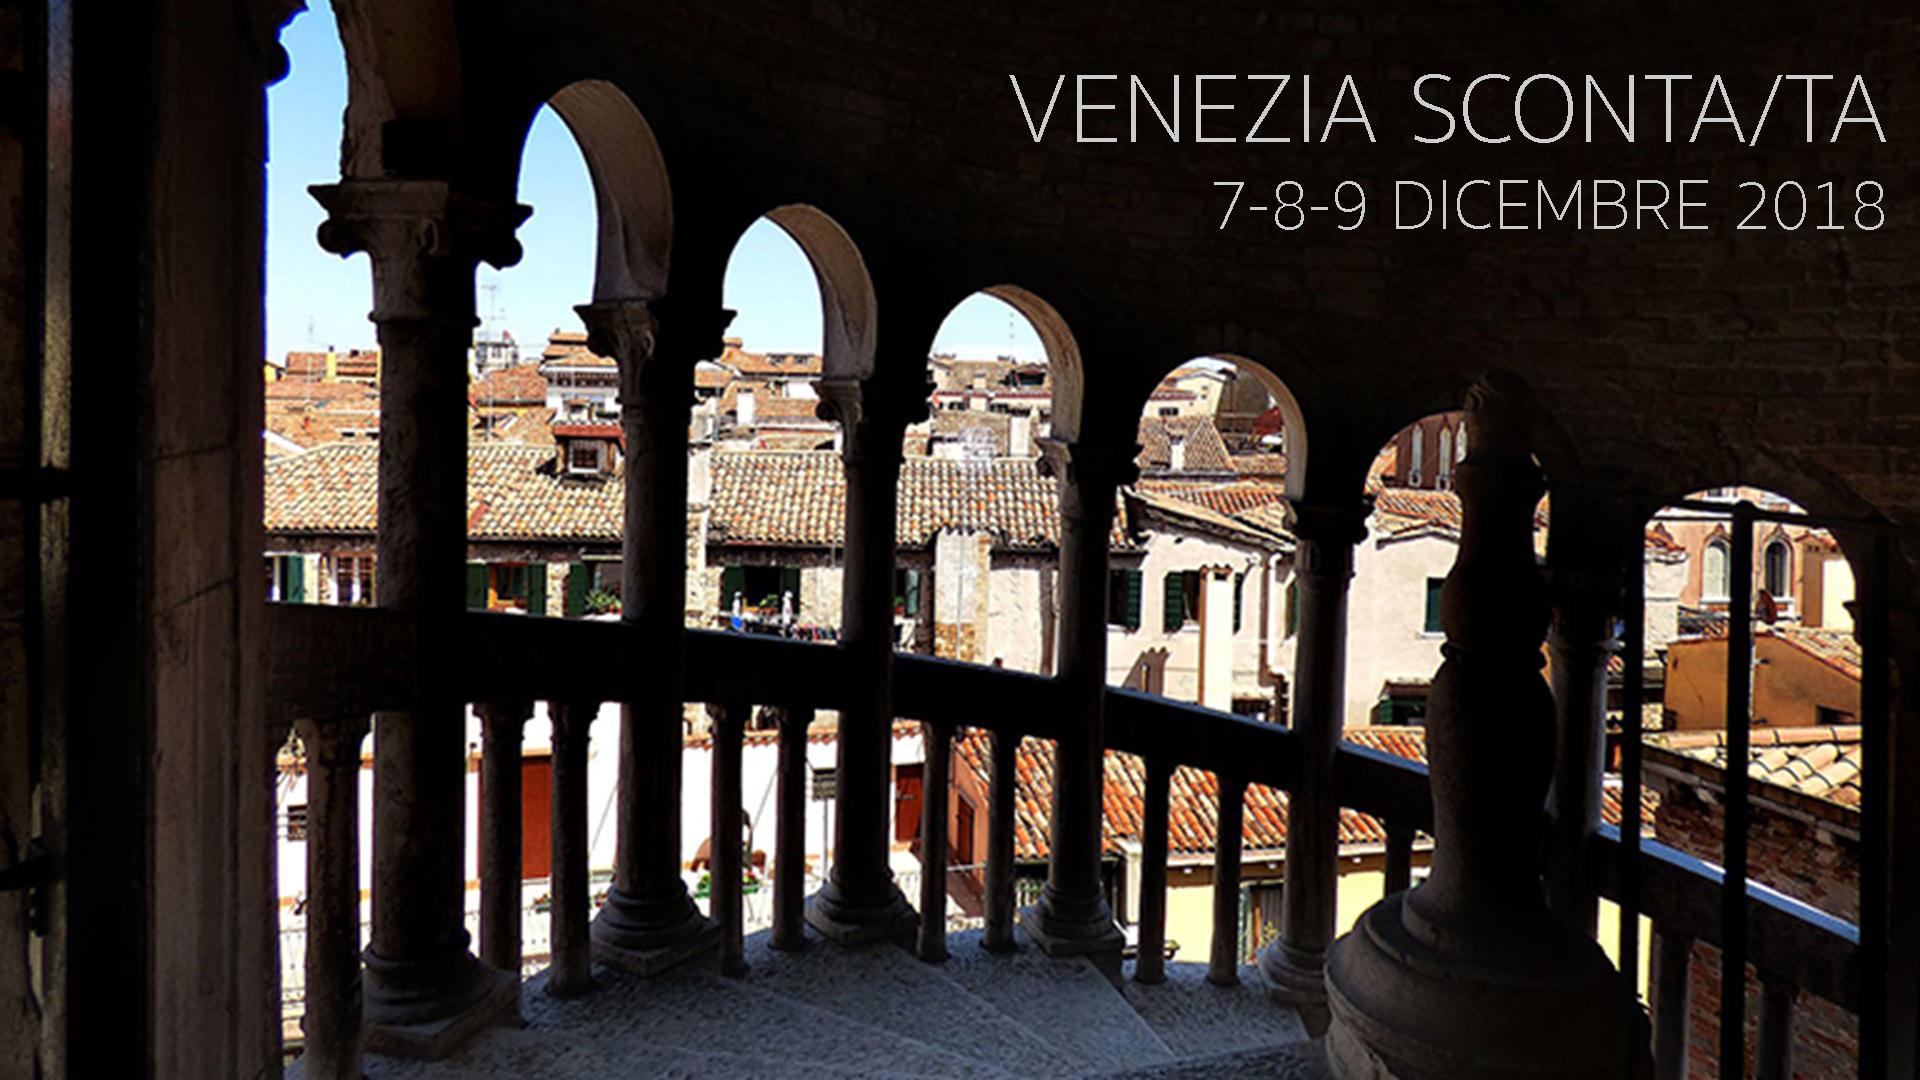 copertina_evento_fb_venezia_scontata